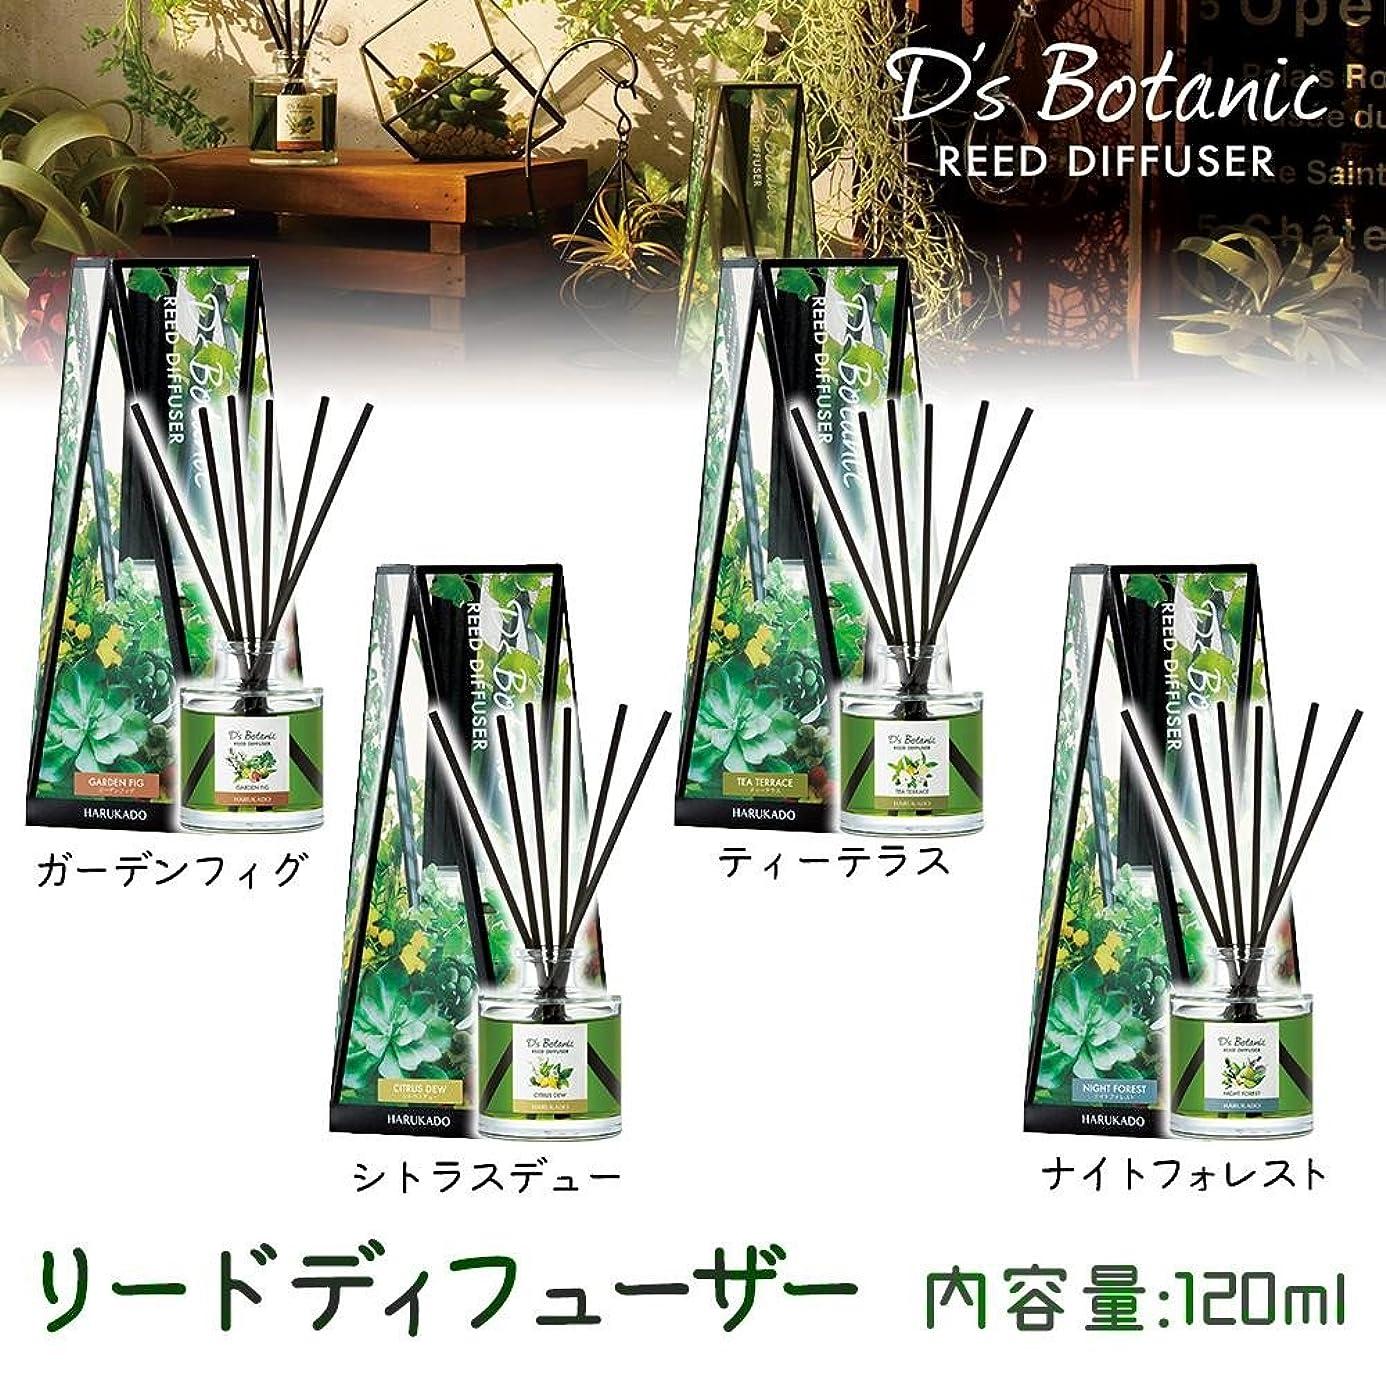 D'S Botanic(デイズボタニック) リードディフューザー ルームフレグランス 120ml シトラスデュー?6229【人気 おすすめ 】